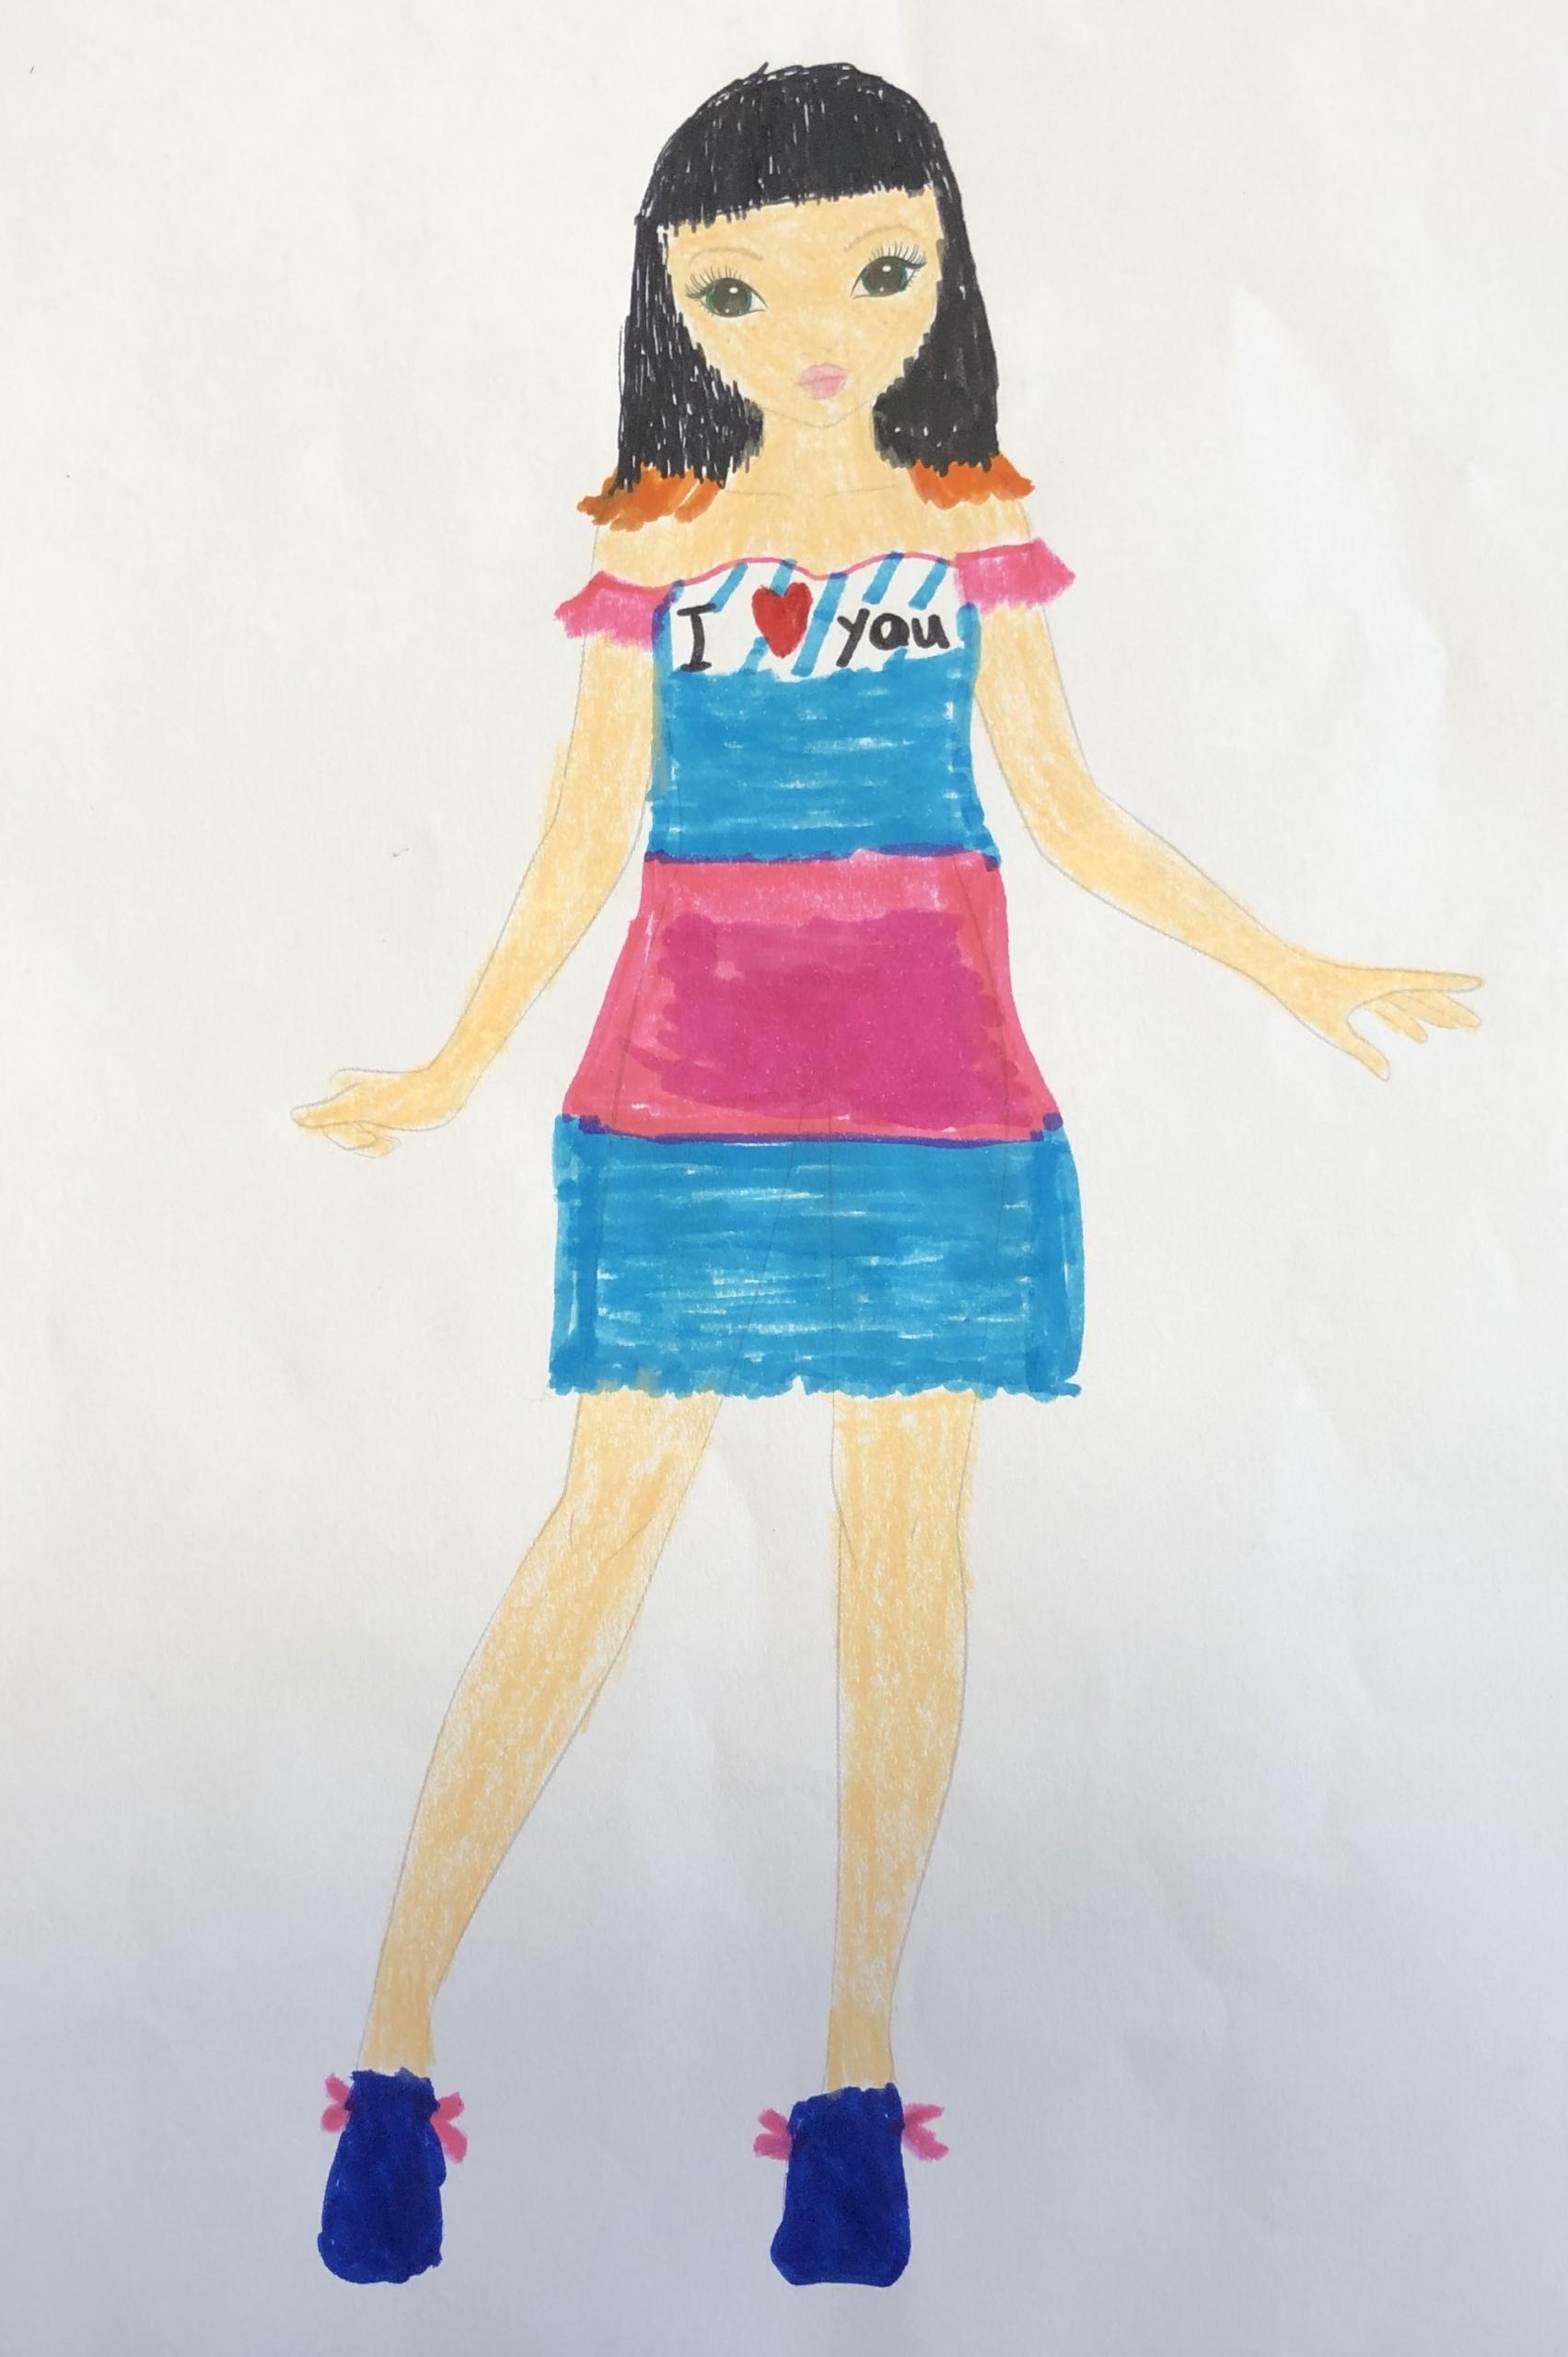 Constanza M., 10 años, de Chile